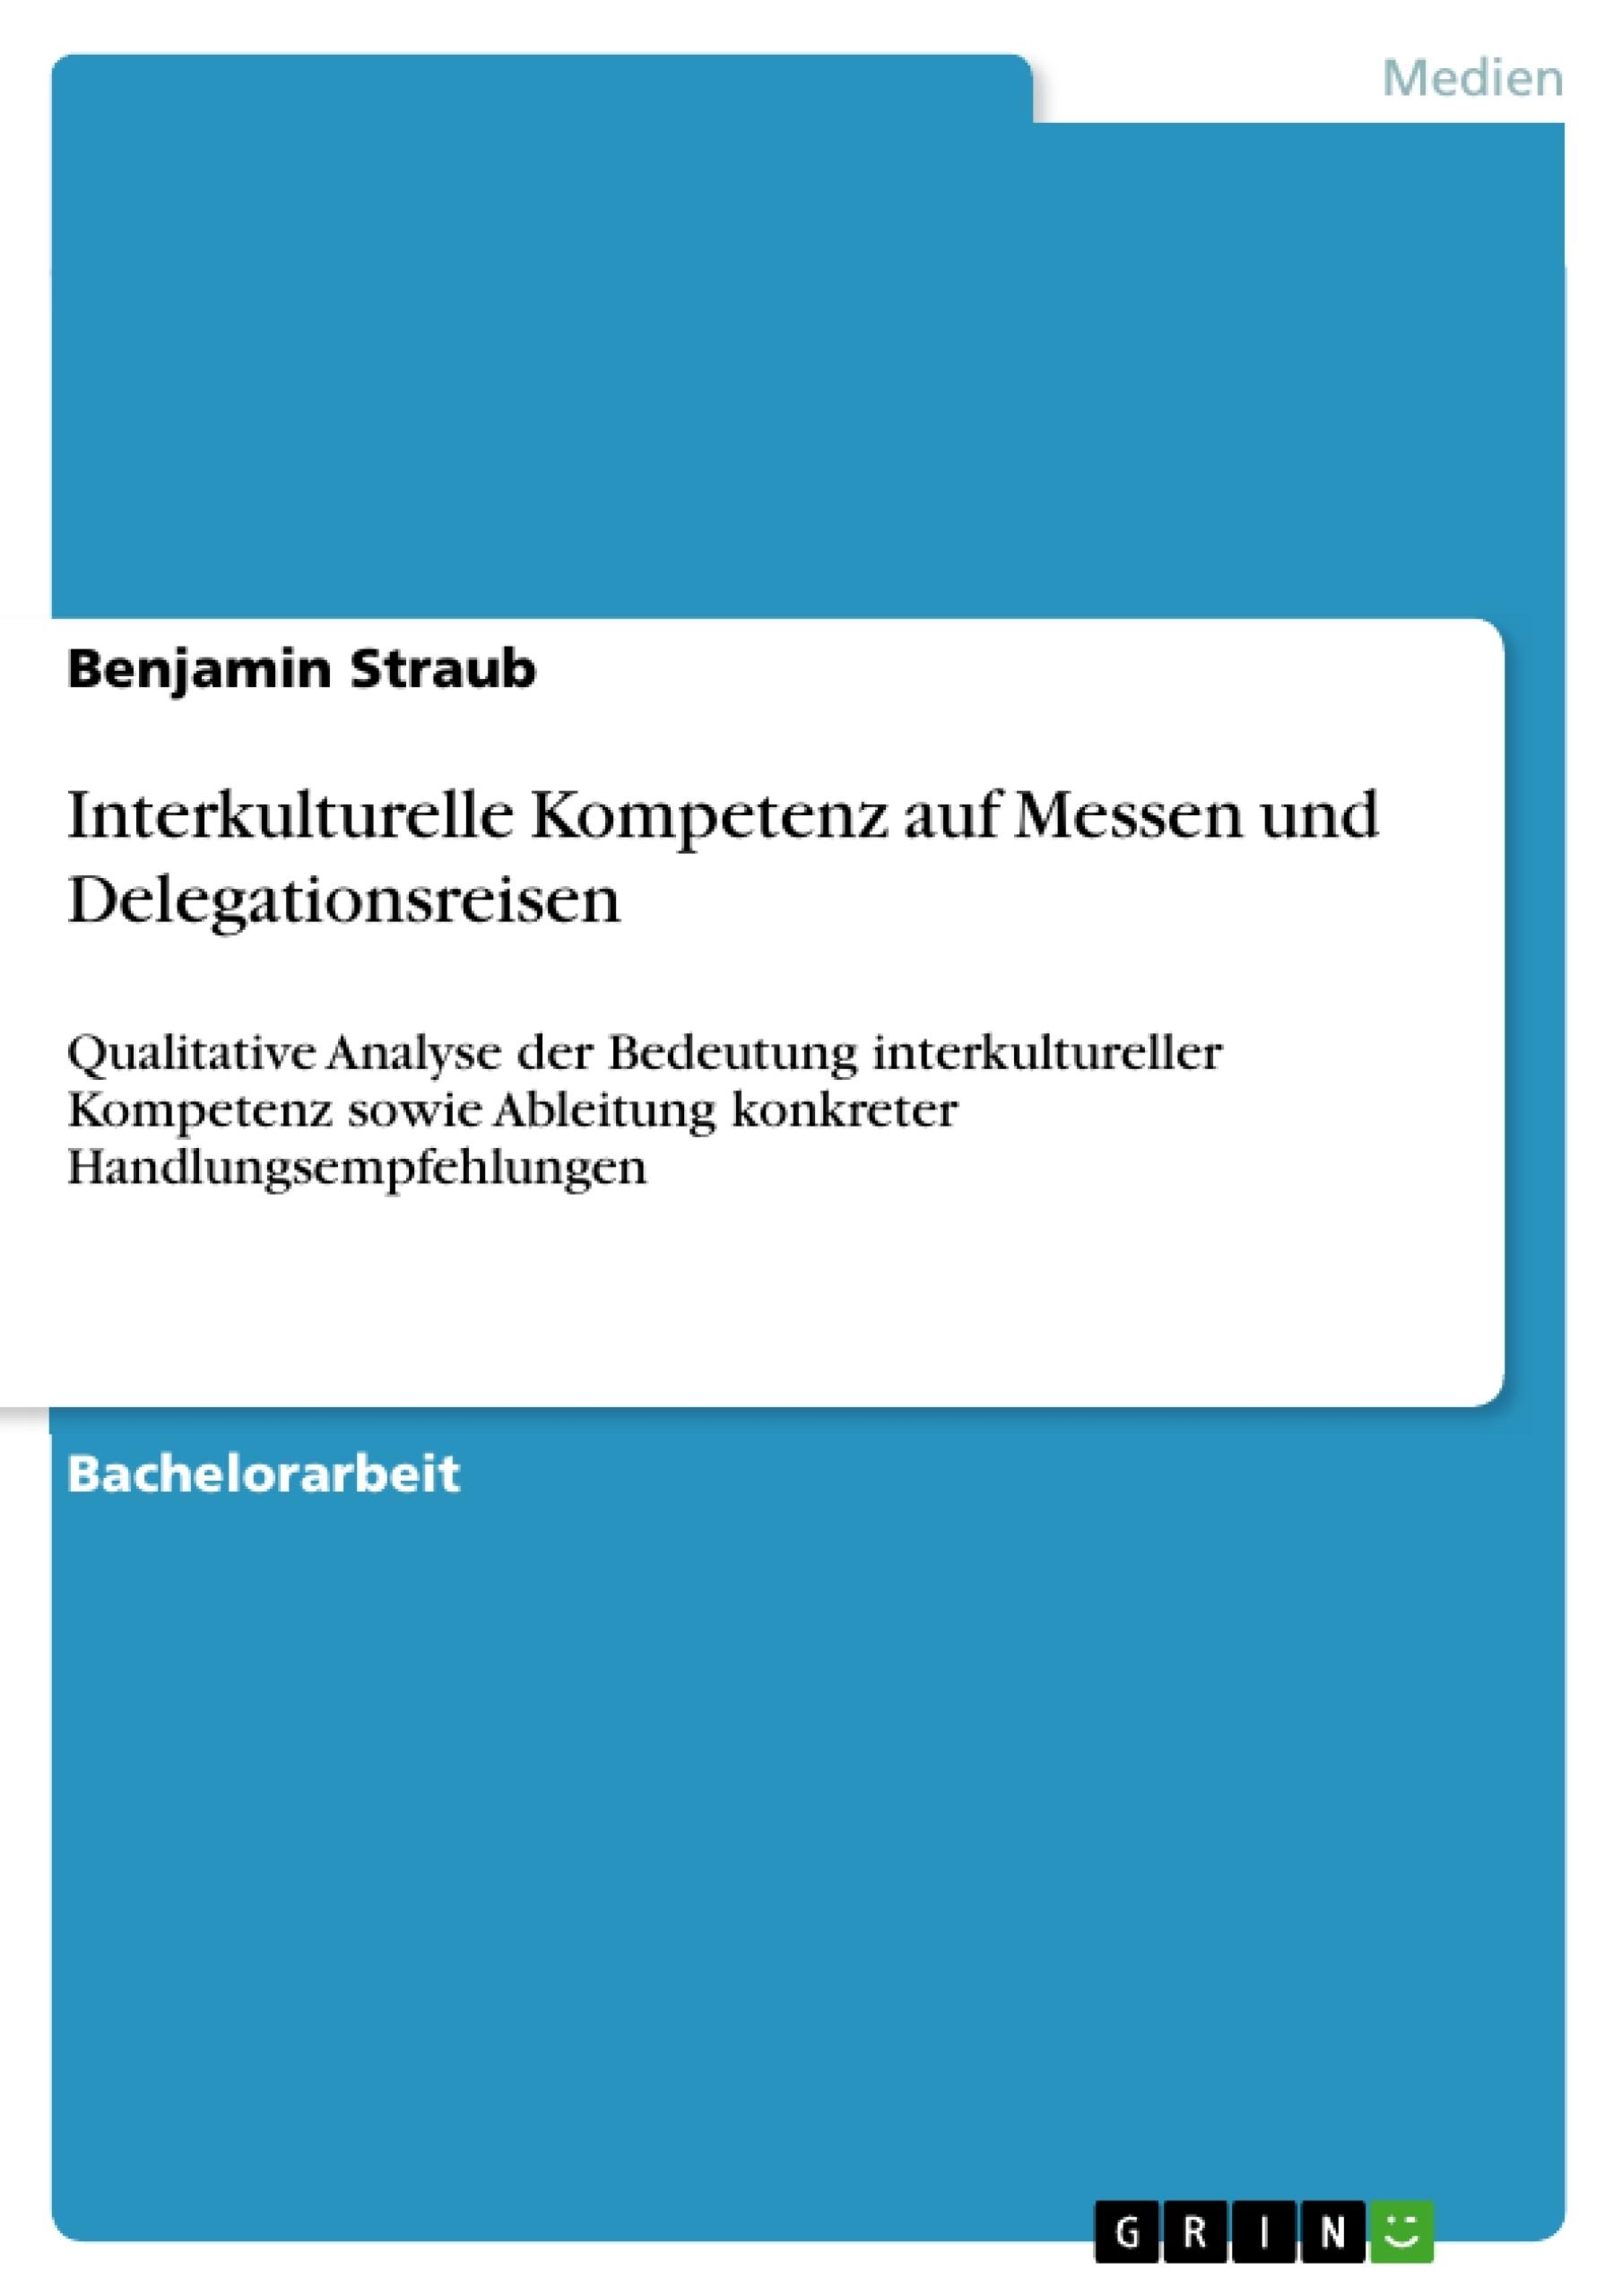 Titel: Interkulturelle Kompetenz auf Messen und Delegationsreisen